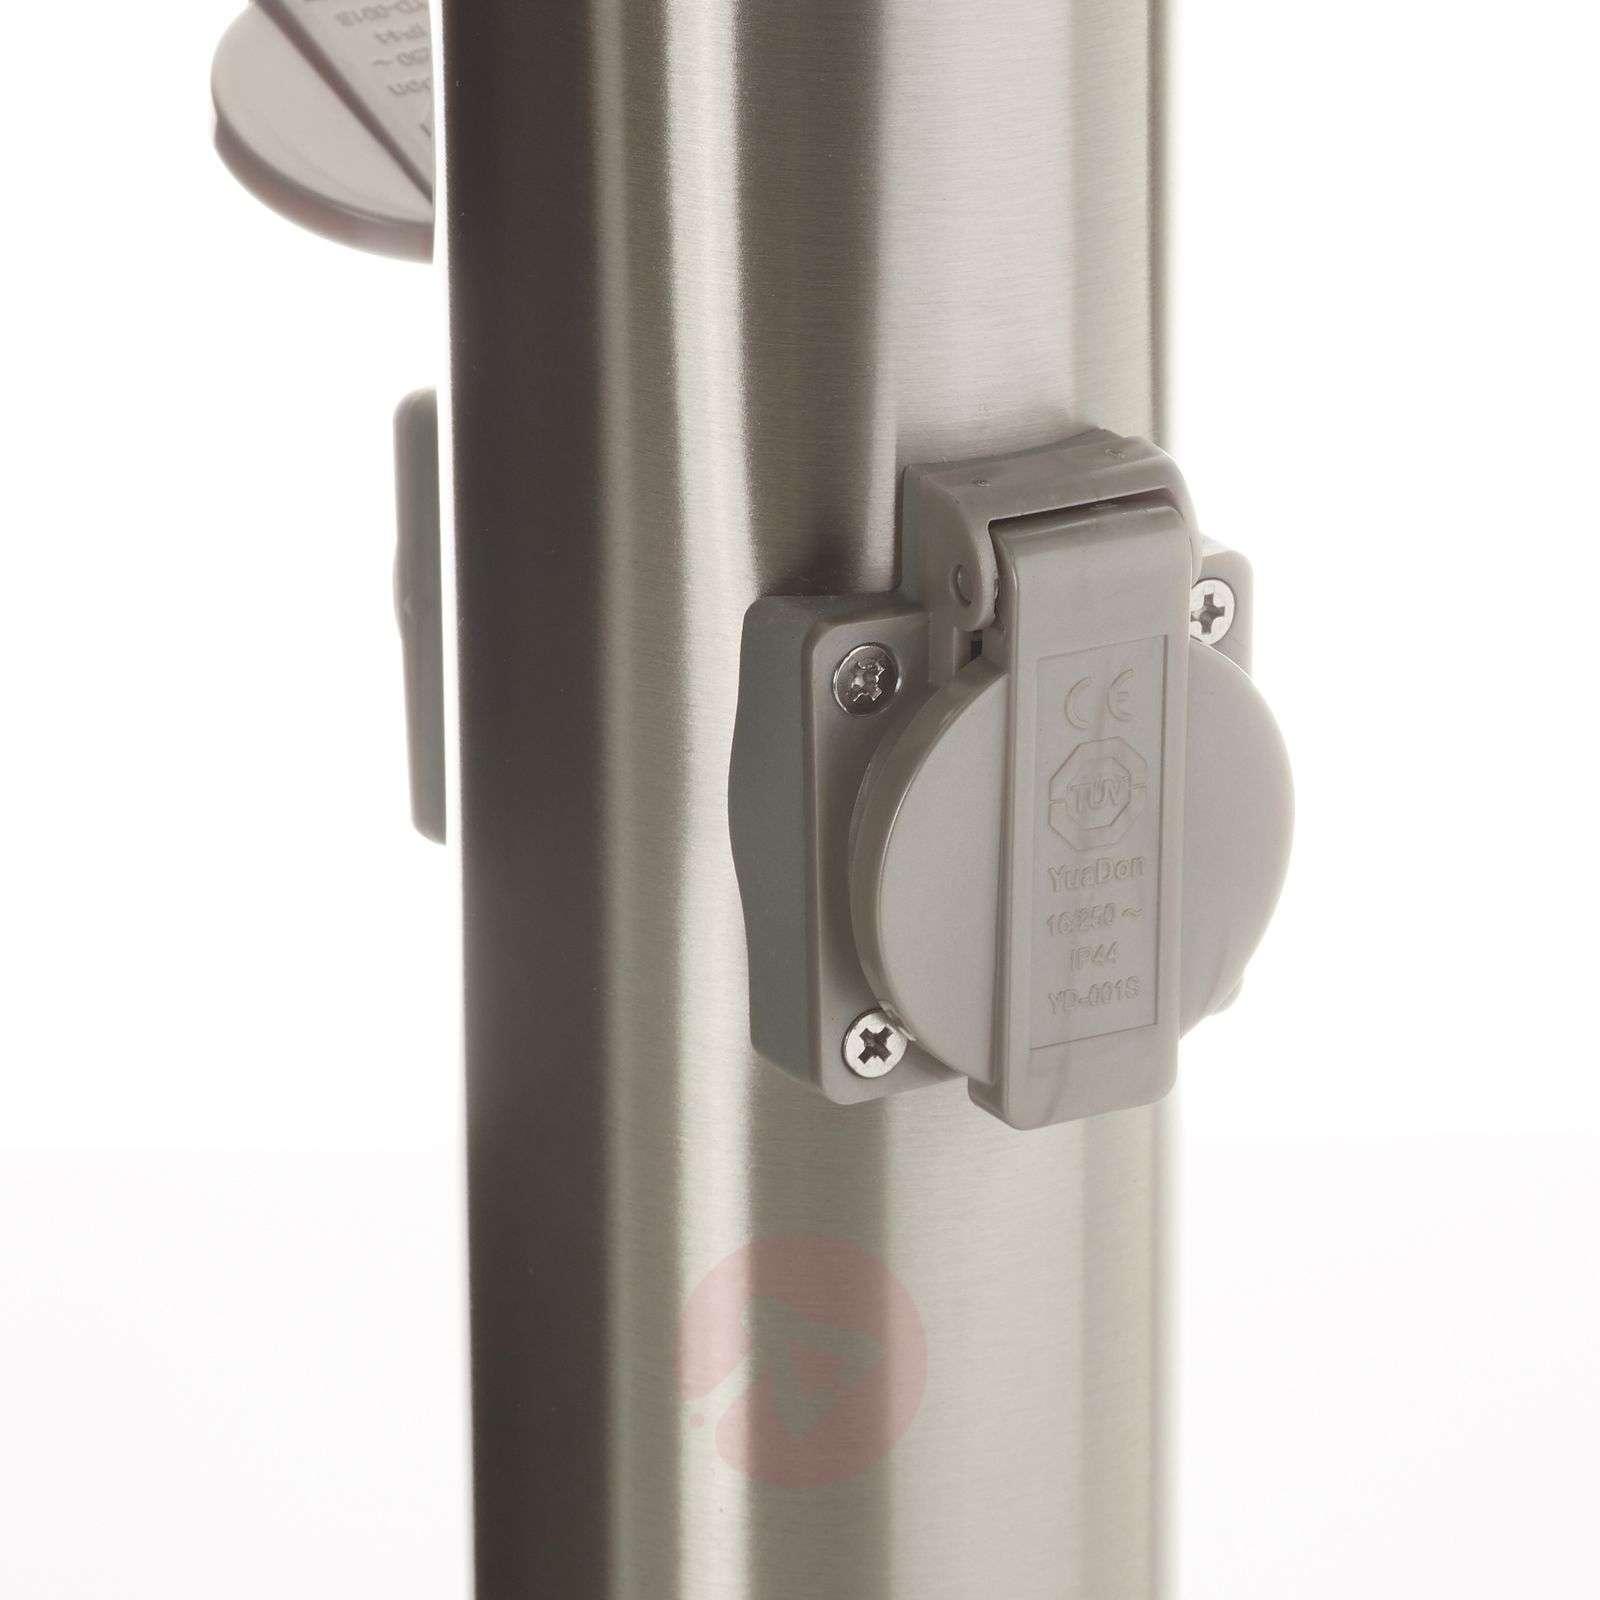 Elenor-LED-pylväsvalo ruost. teräs, 2 pistorasiaa-4014966-01